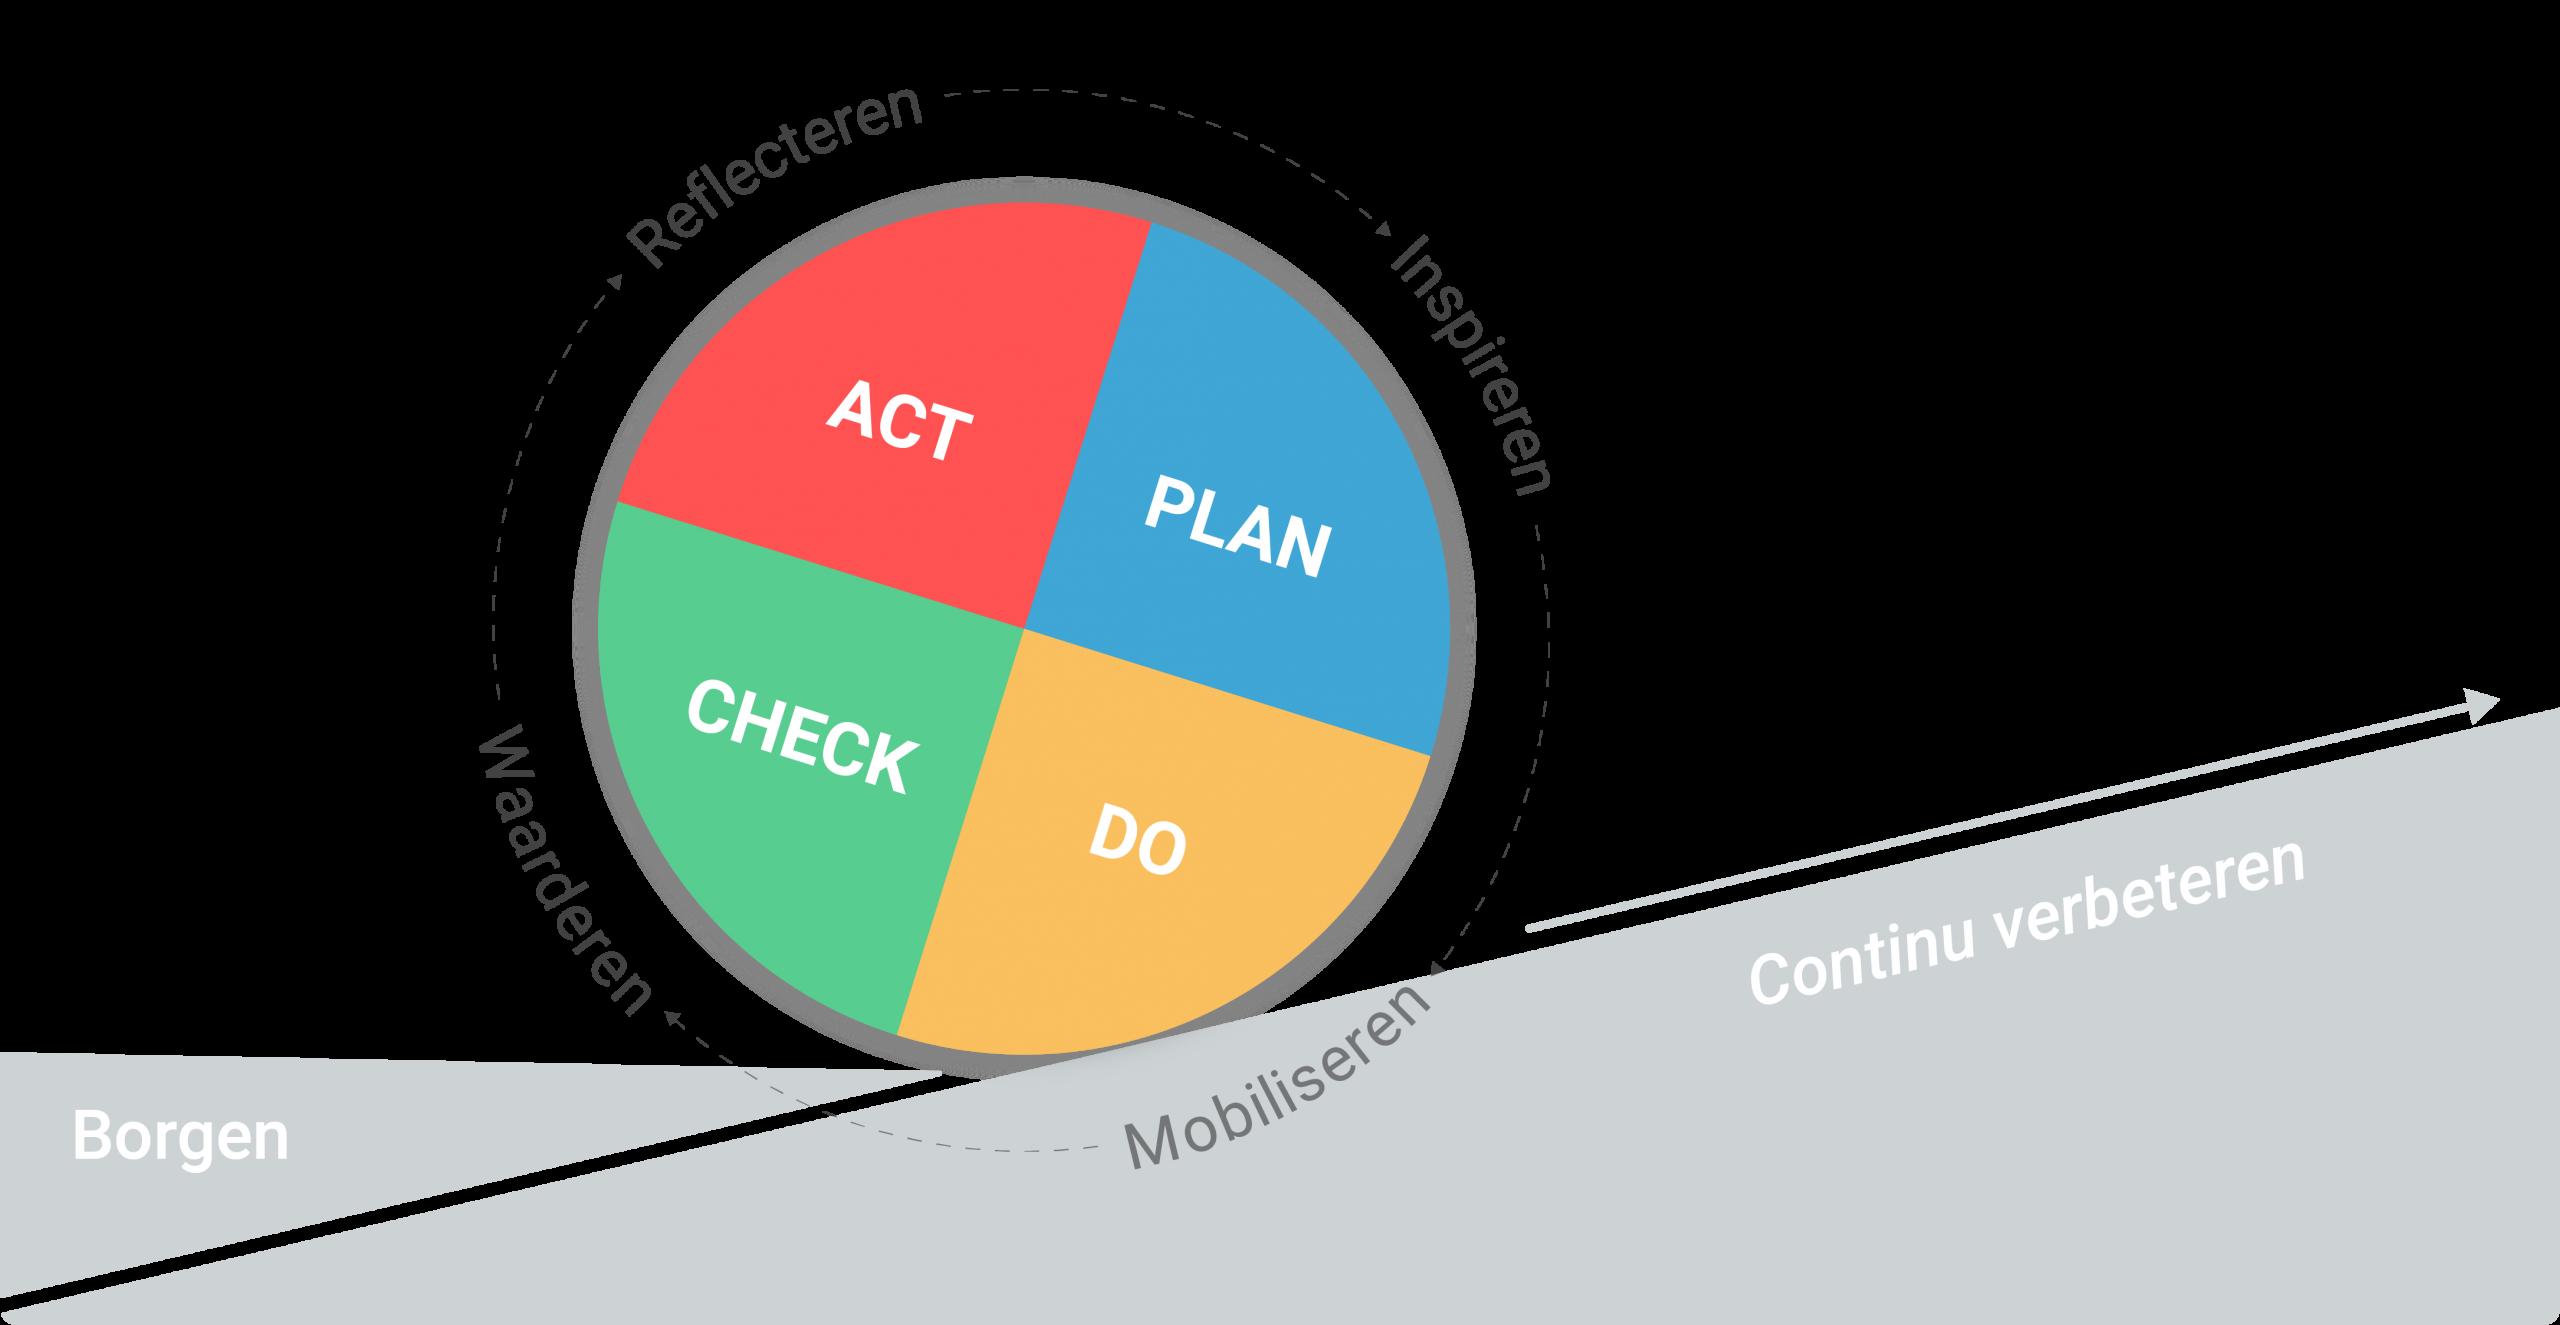 PDCA cyclus - plan do check act